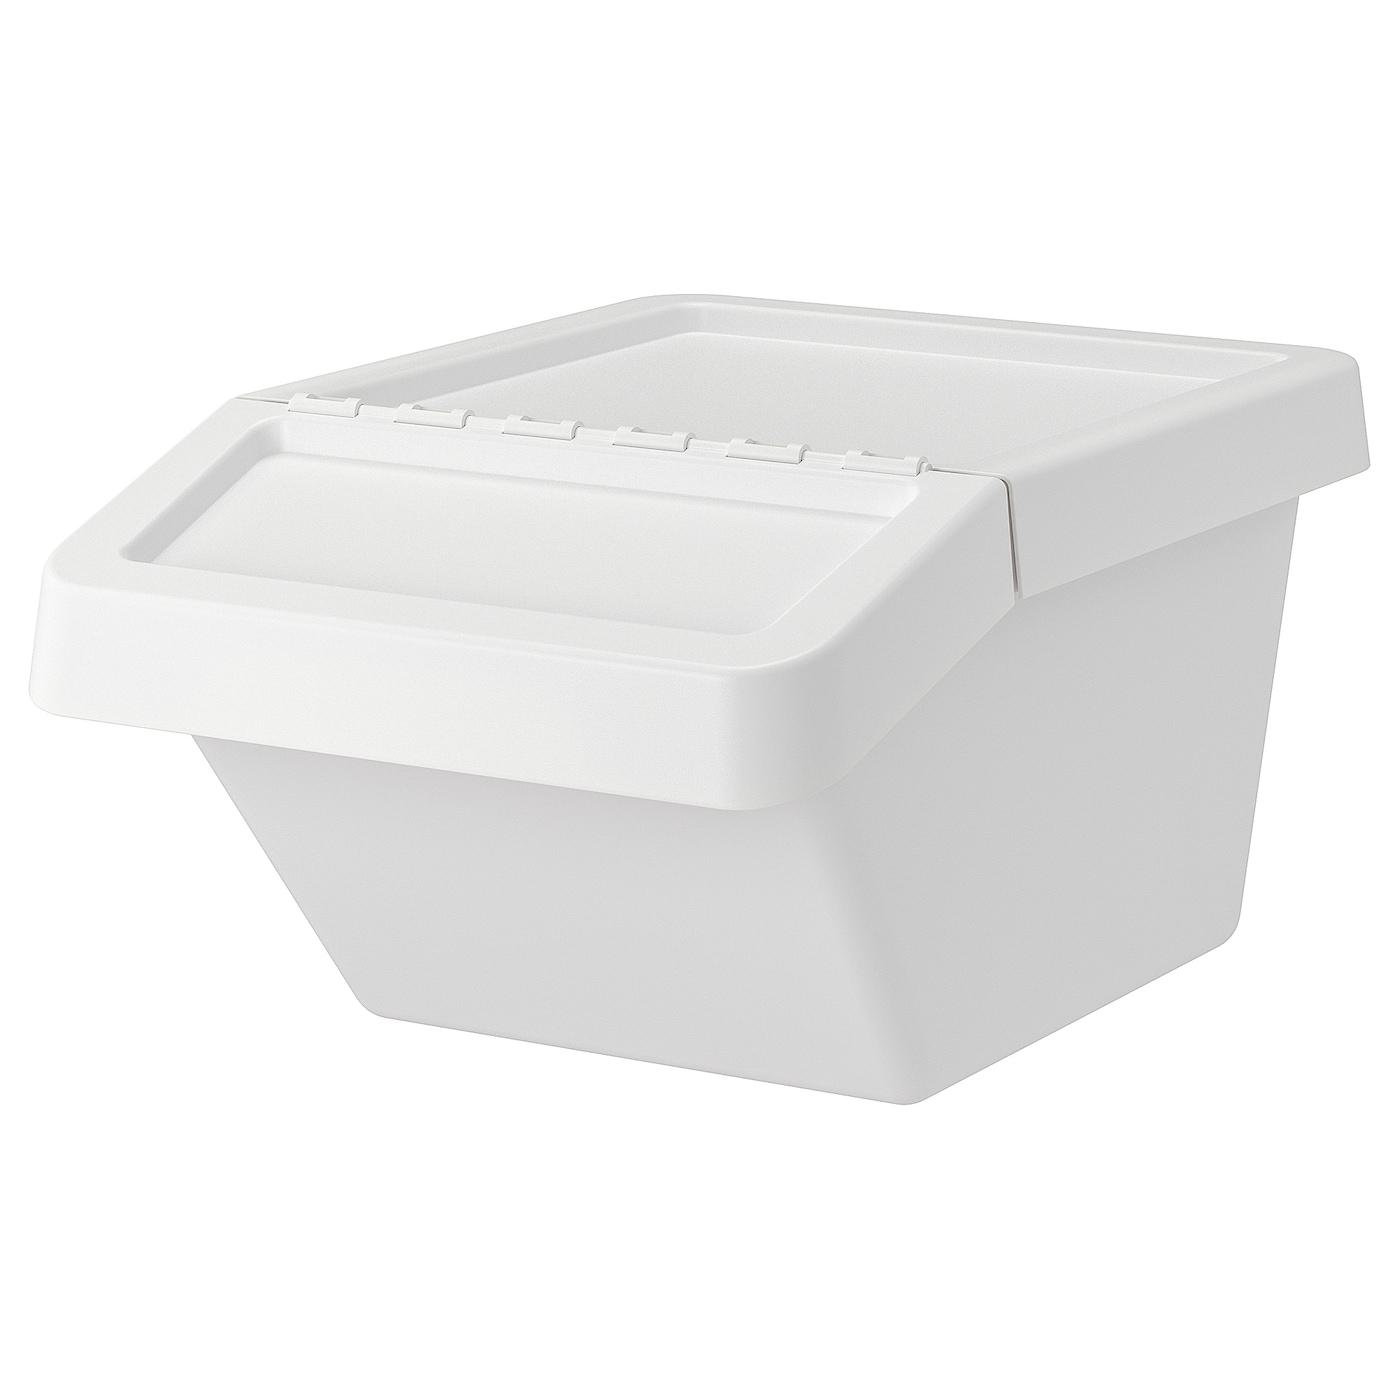 Sortera Conteneur Dechets Avec Couvercle Blanc 37 L Ikea